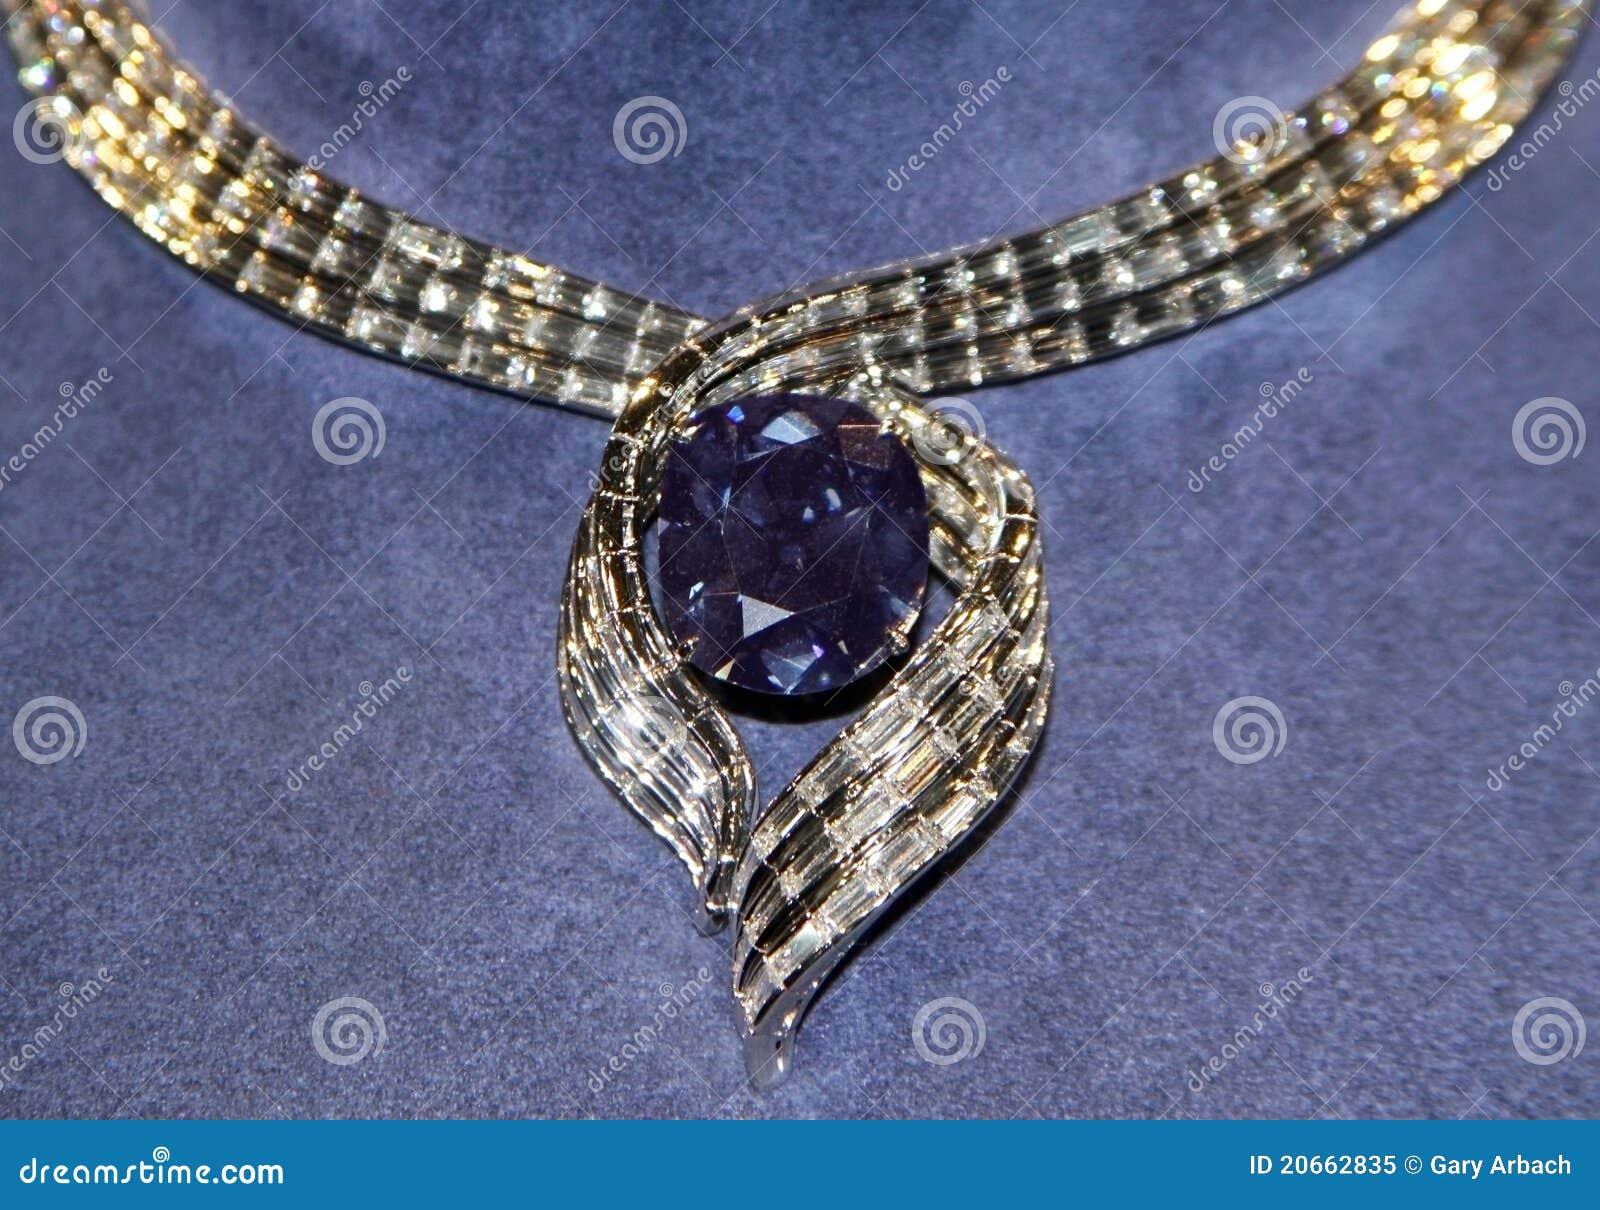 the hope diamond editorial image